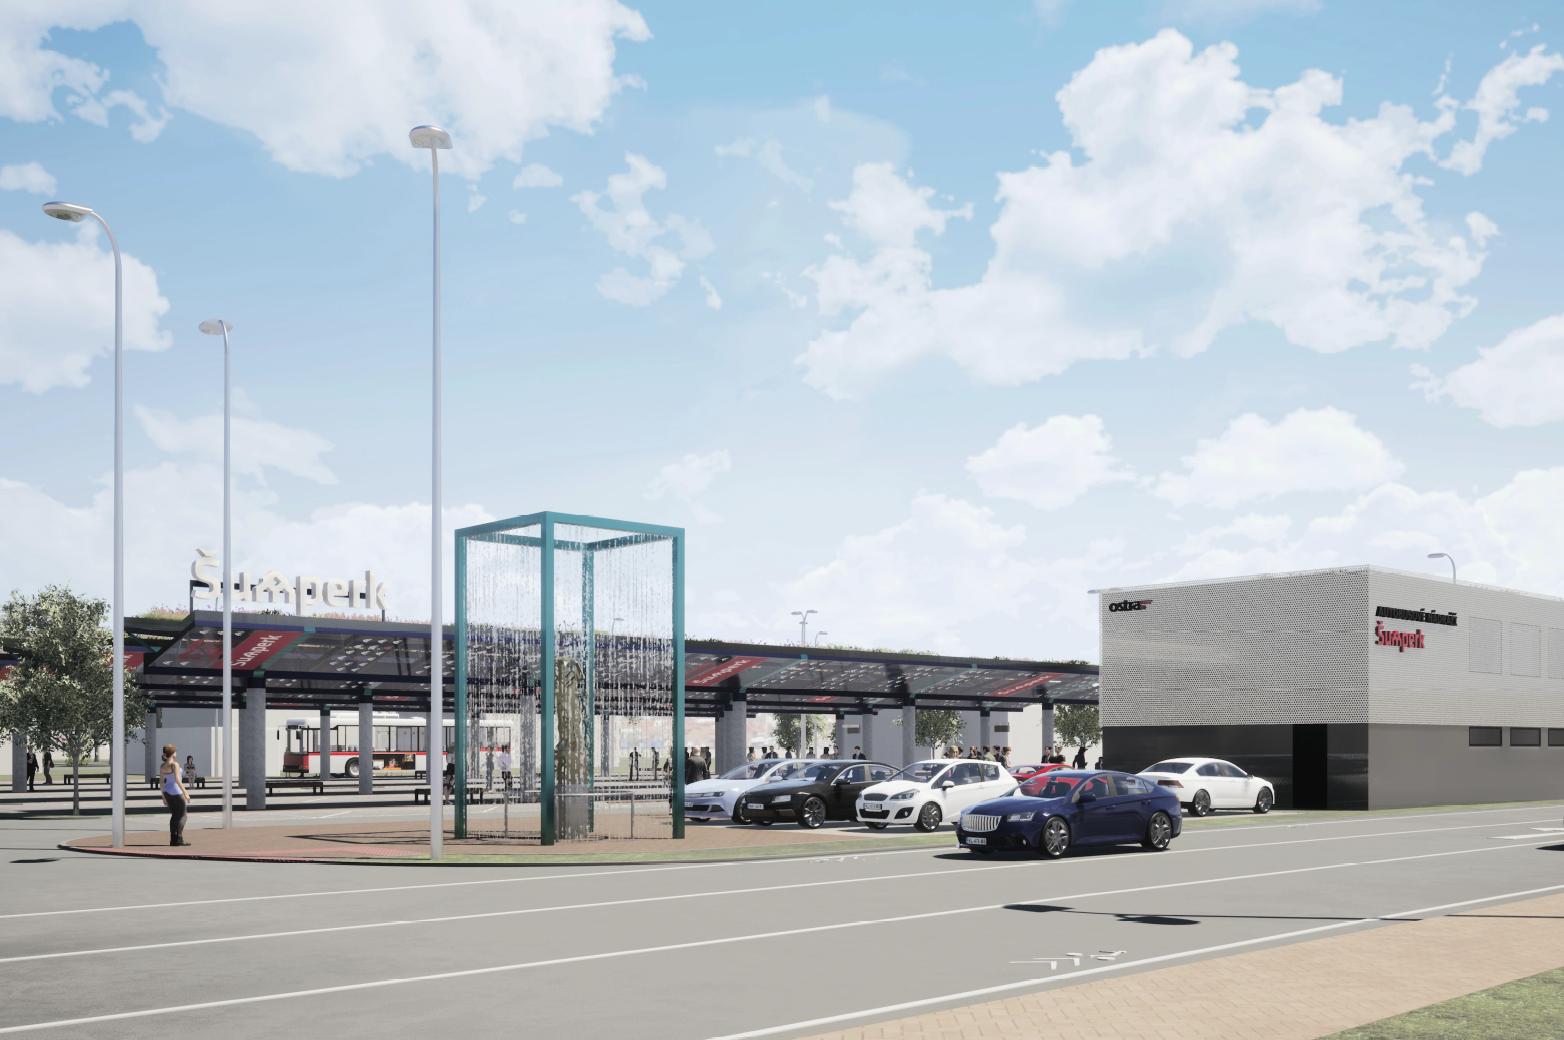 Rekonstrukce autobusového nádraží v Šumperku je ve finále, otevřeno bude v lednu 2021